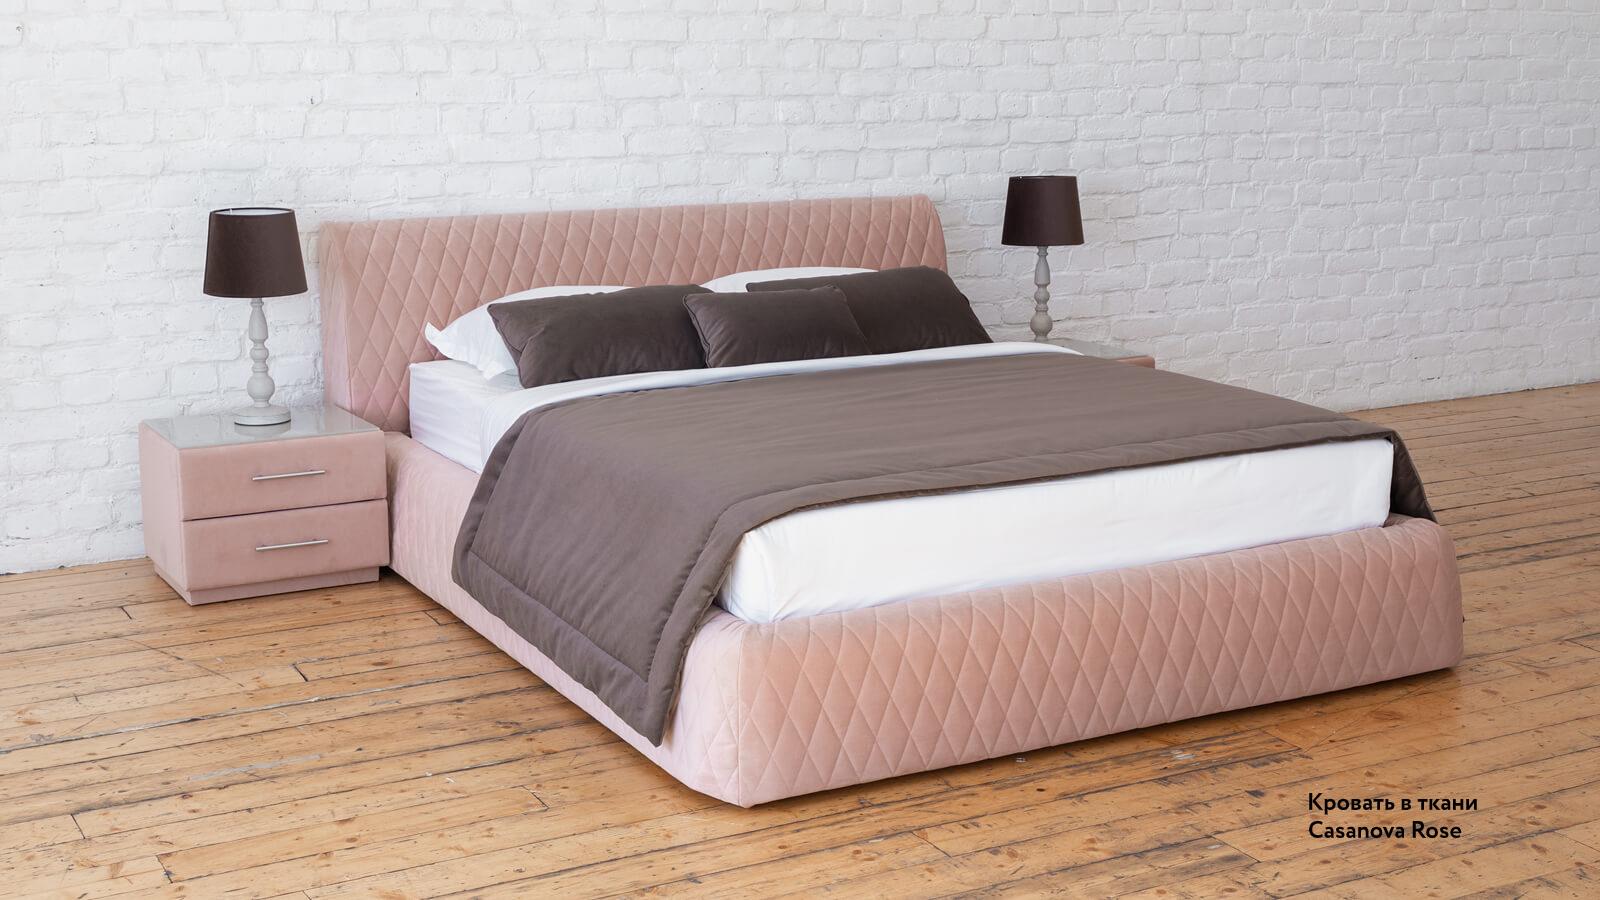 Фото - Кровать c подъемным механизмом Askona Naomi кровать с подъемным механизмом askona milana